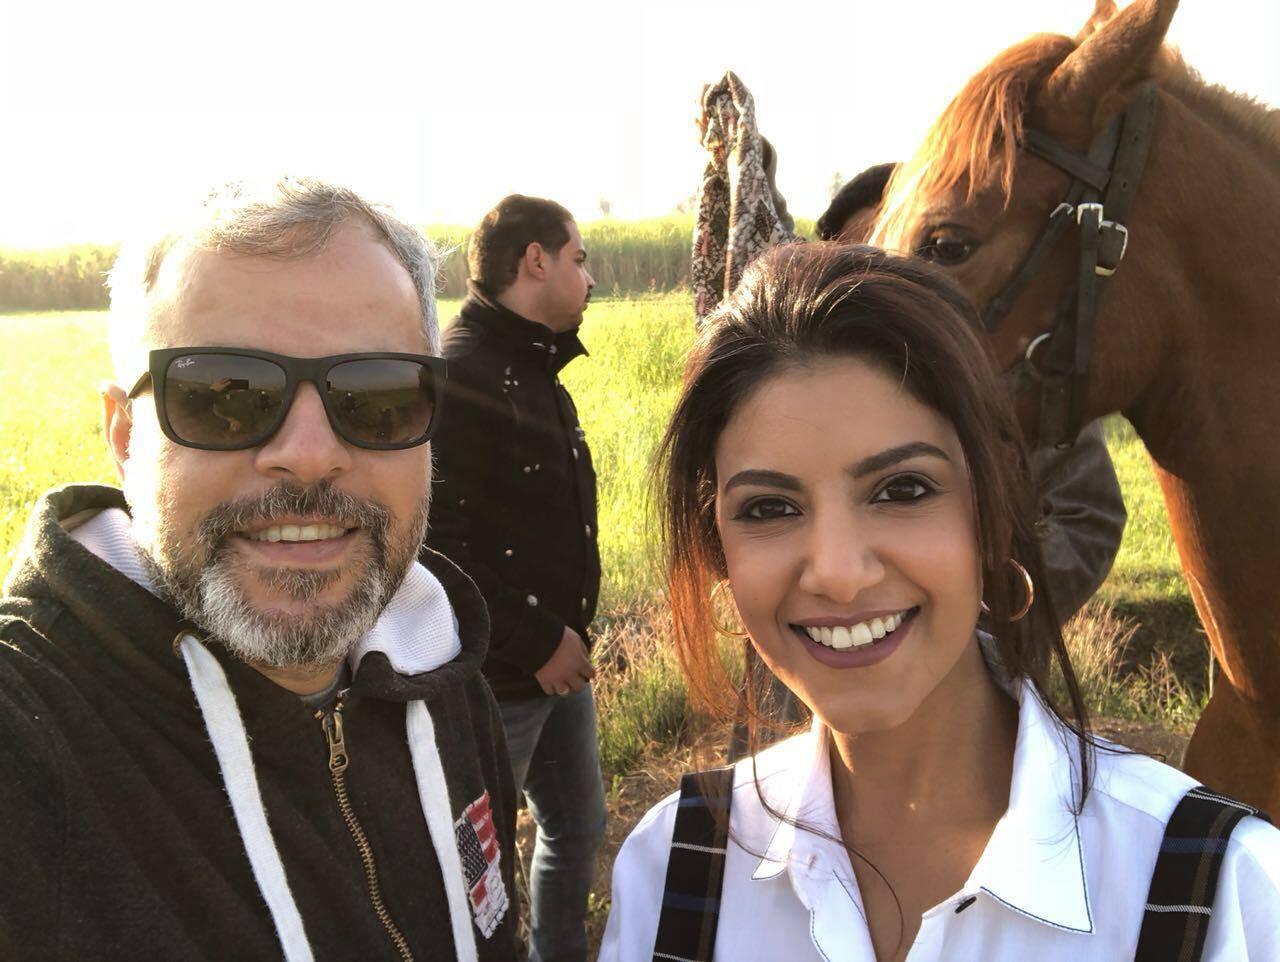 صورة النجمة ياسمين علي والجديد مع لايف ستايلز ستوديوز